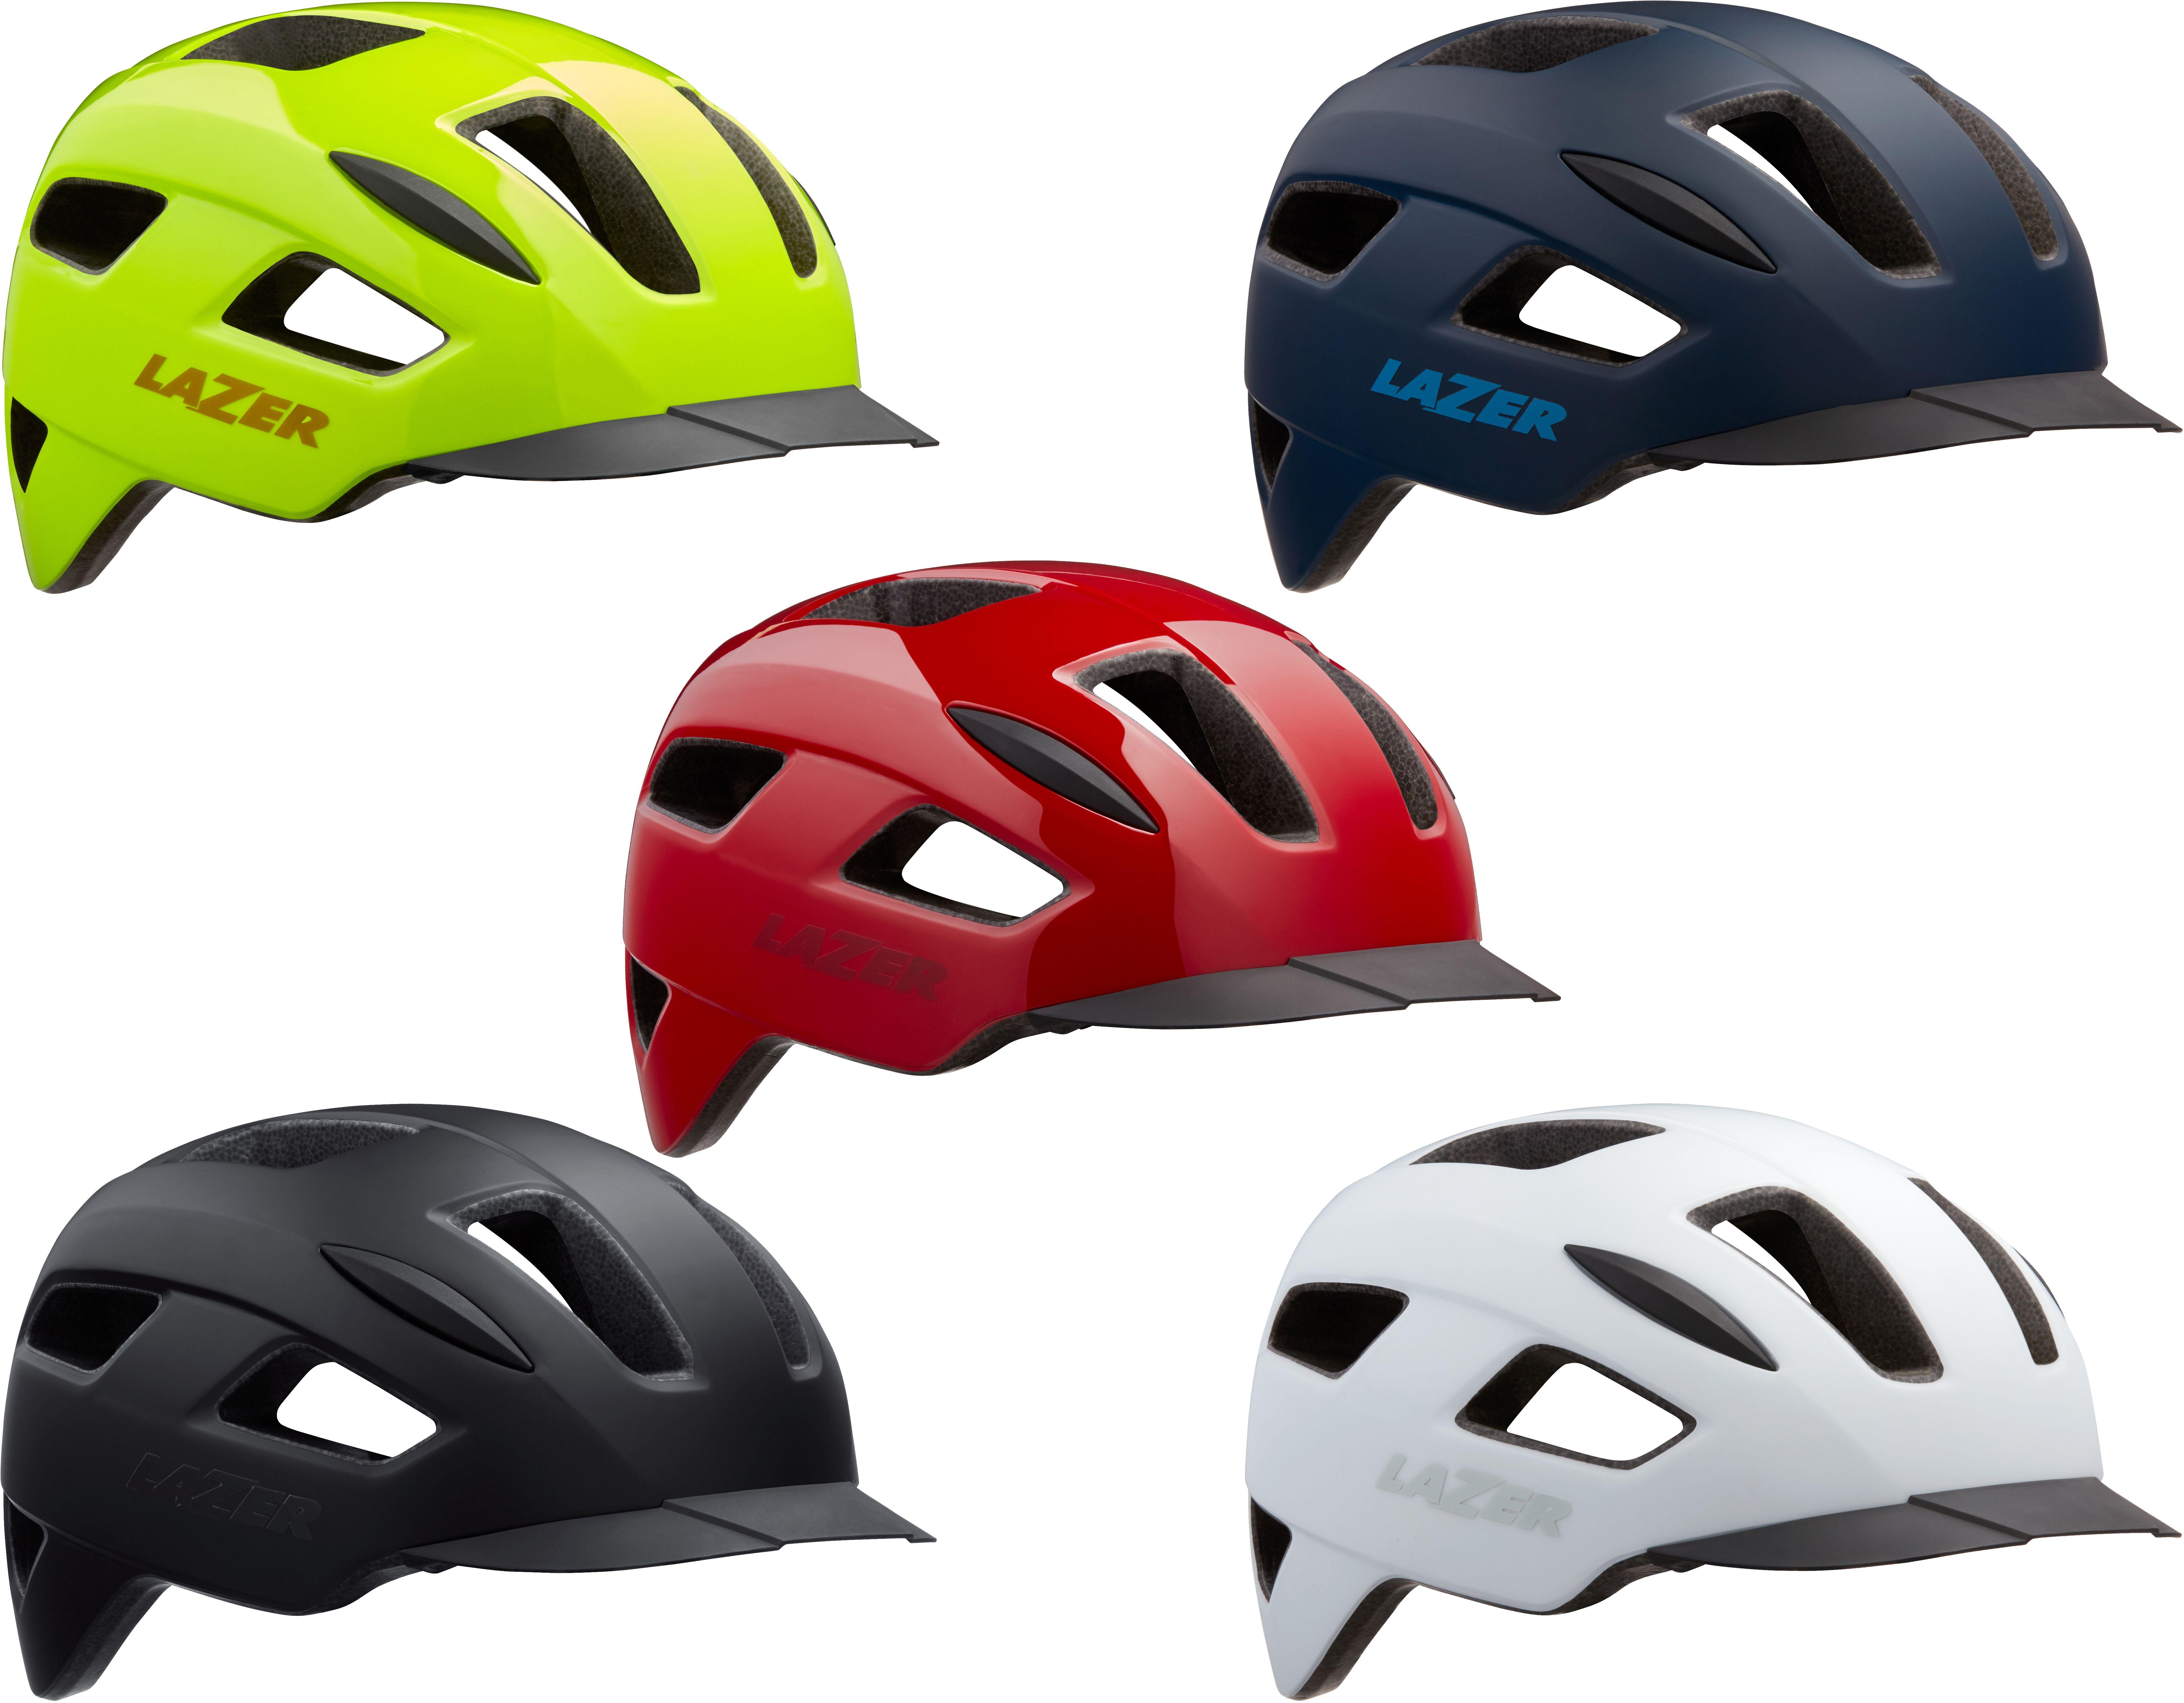 Lazer - Lizard | bike helmet